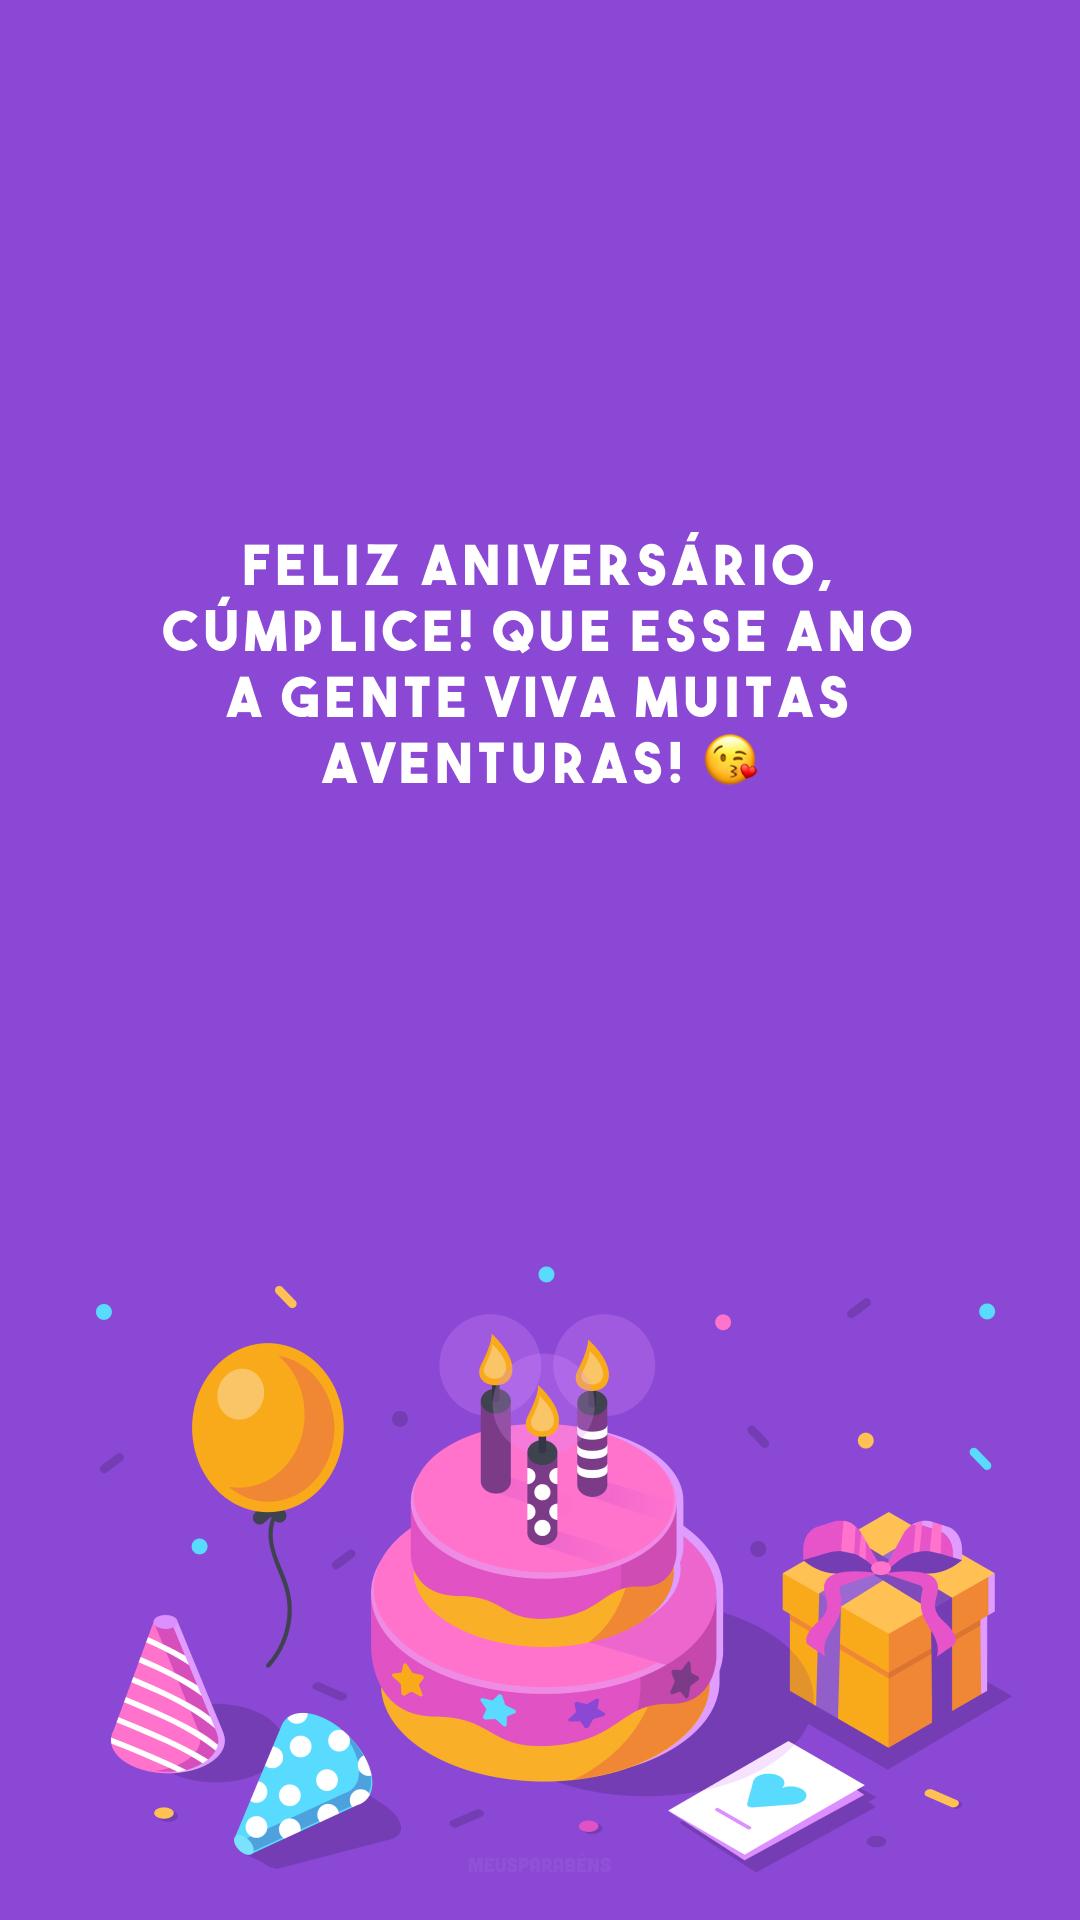 Feliz aniversário, cúmplice! Que esse ano a gente viva muitas aventuras! 😘